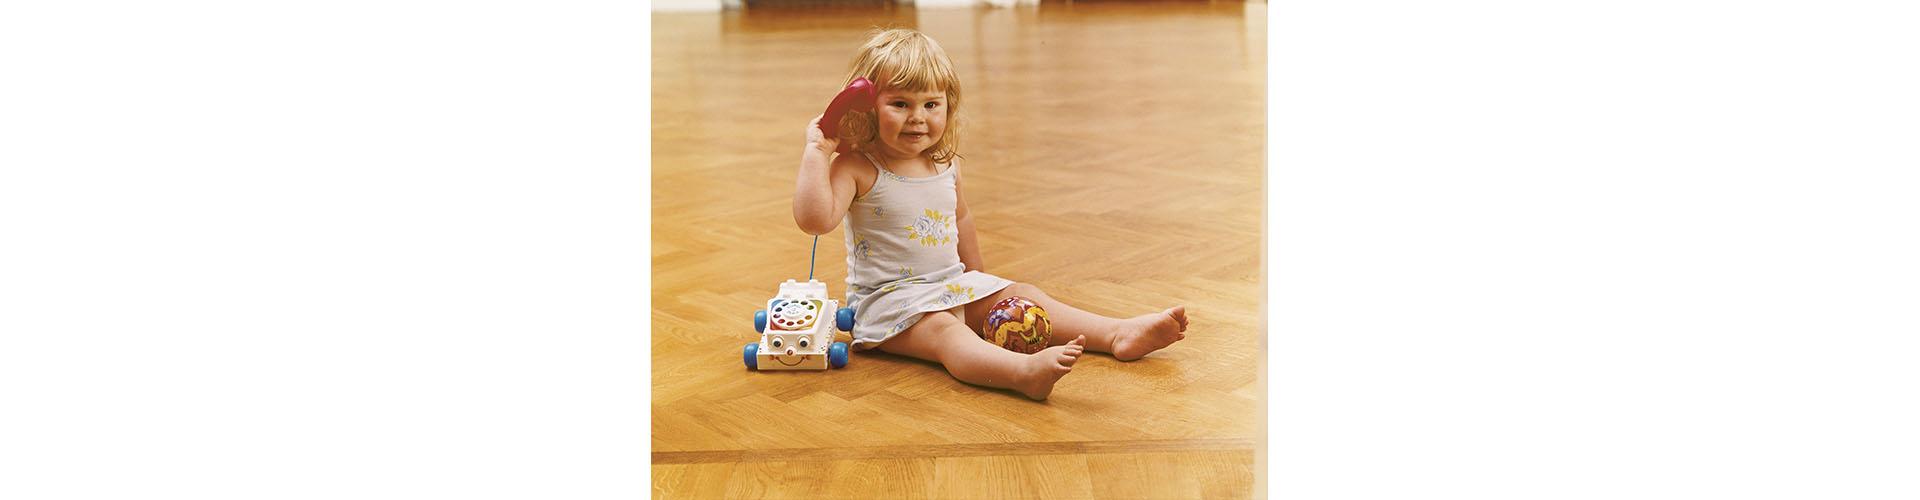 toy phone 1_4